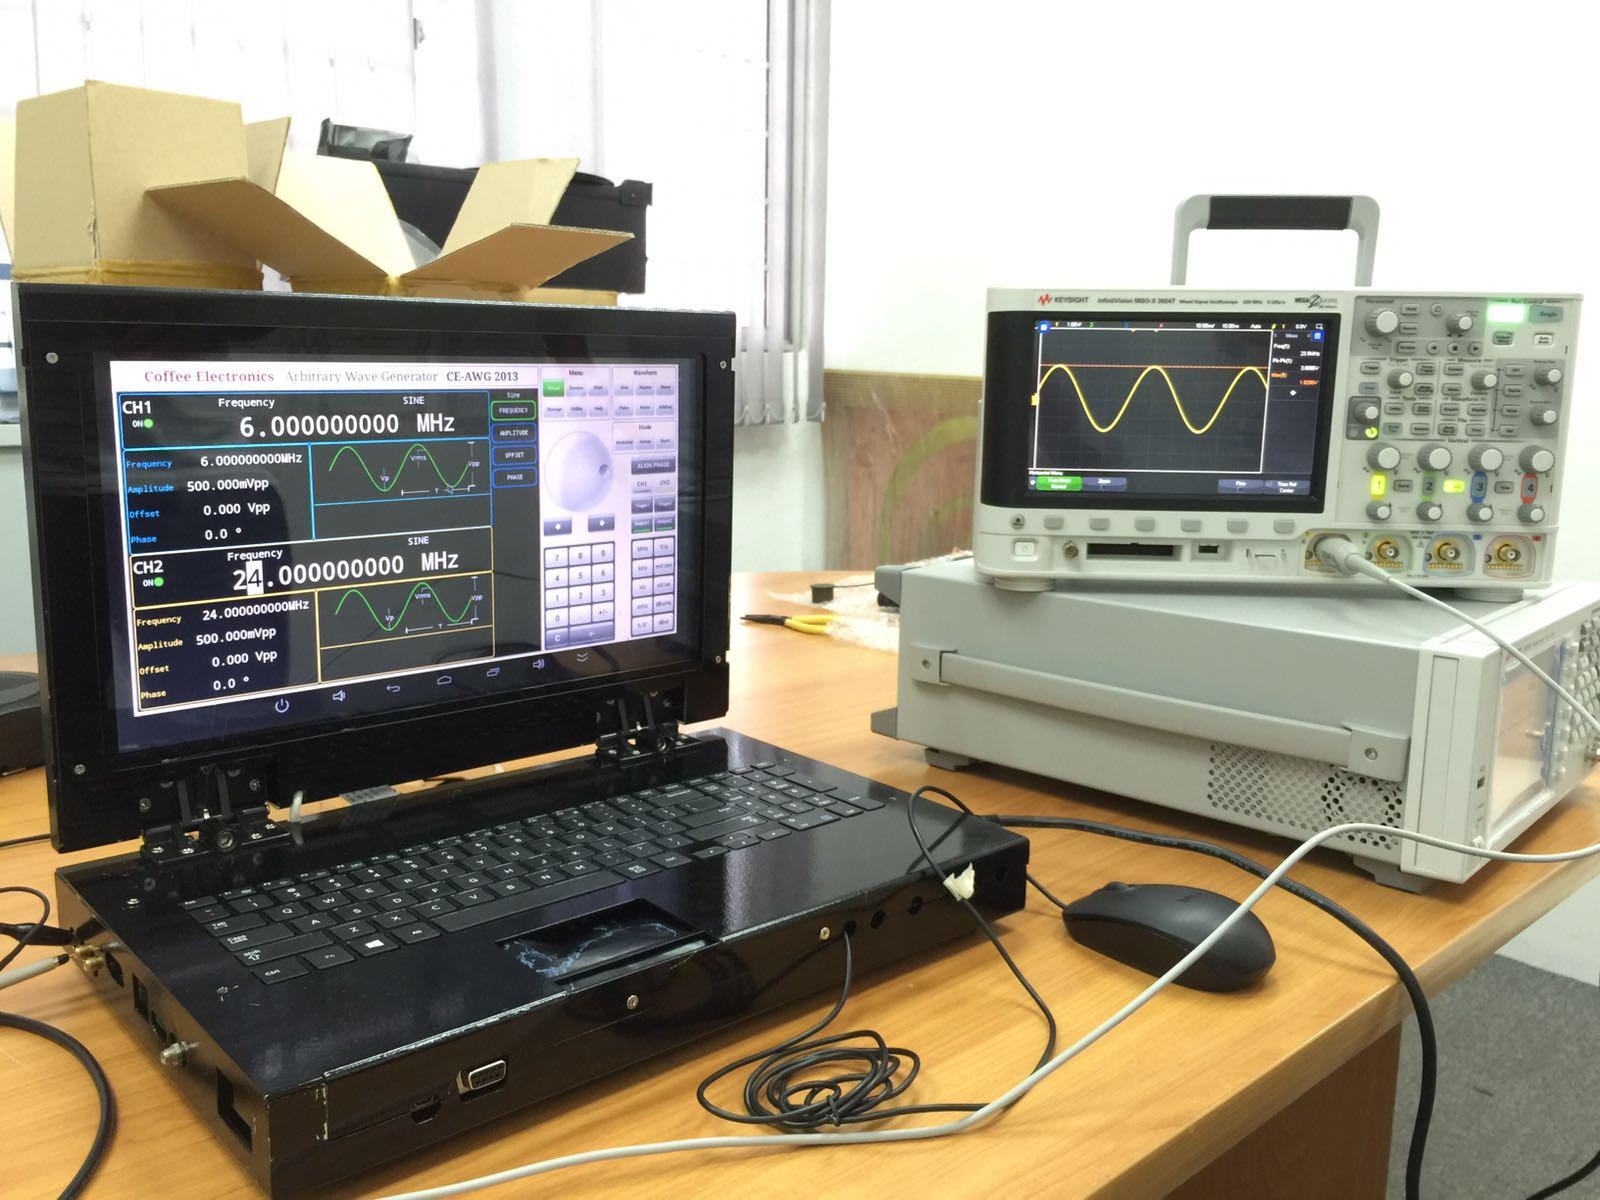 eLABin1 prototype debugging